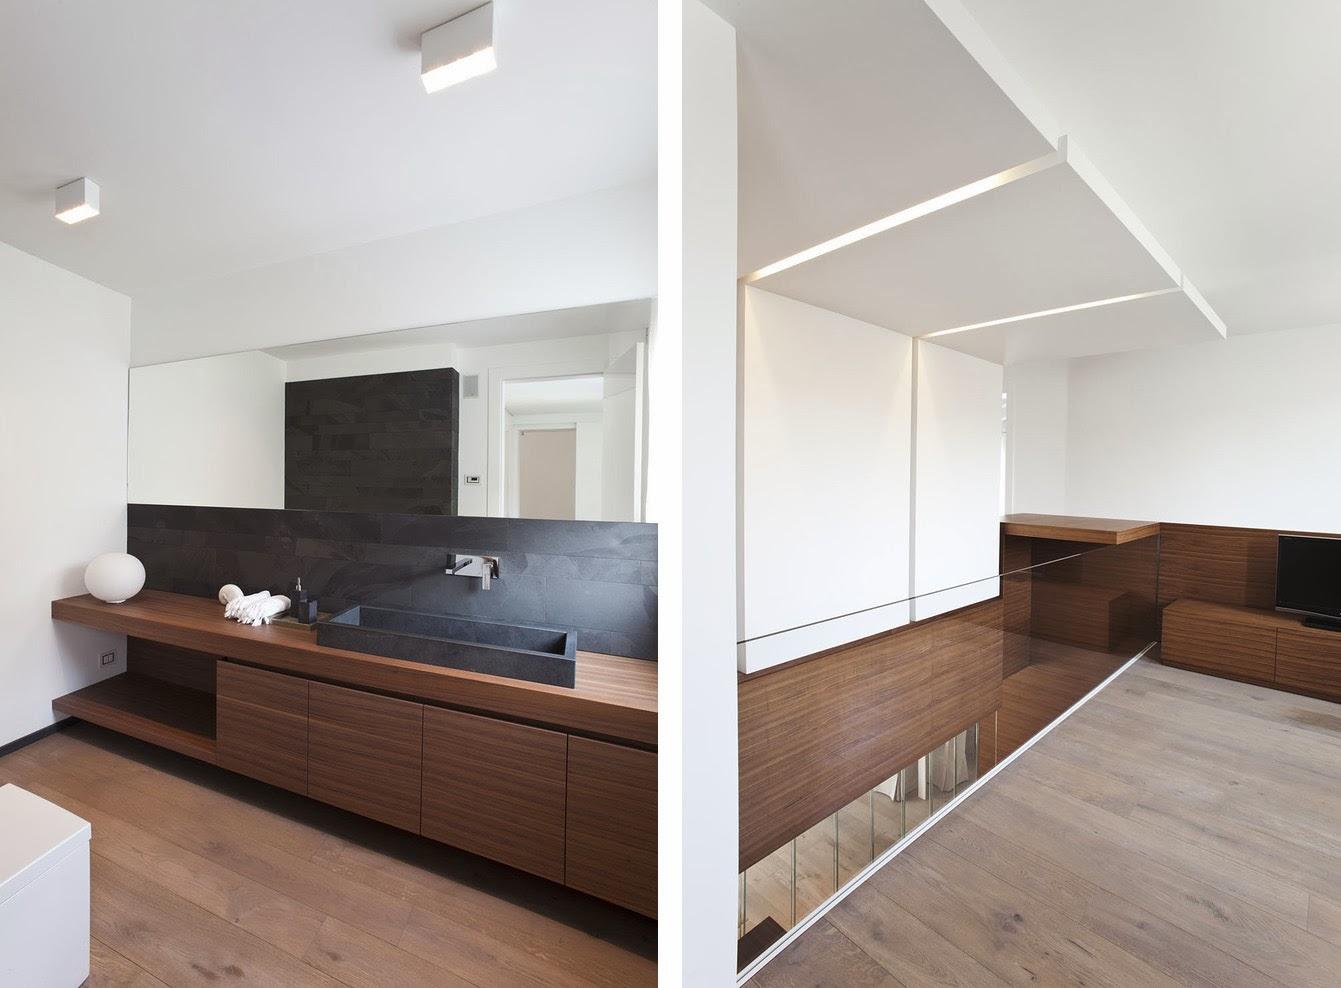 Muebles a medida en madera de zebrano espacios en madera - Muebles de madera a medida ...